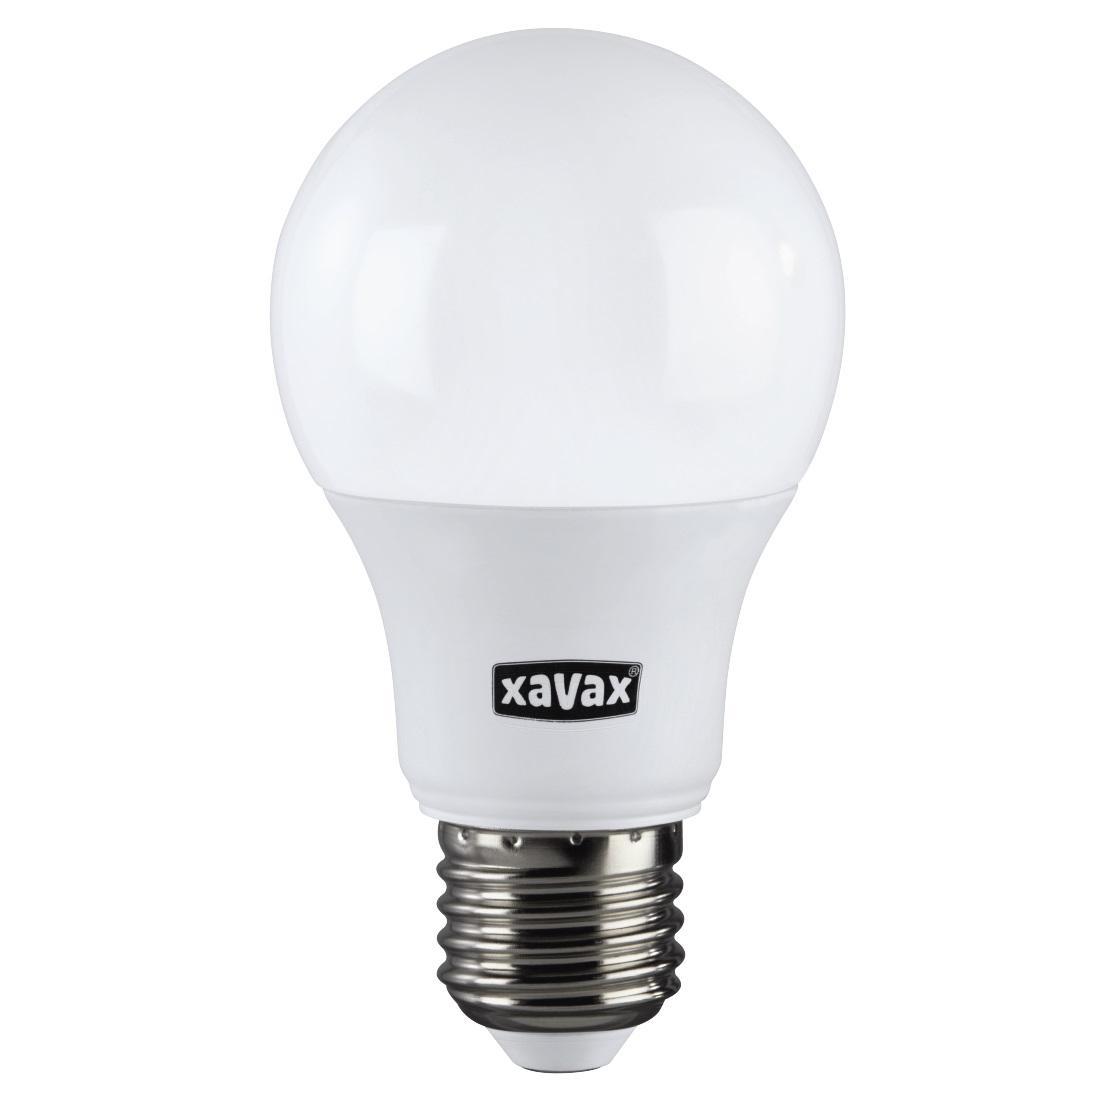 LED крушка XAVAX 112532, 806 lm, E27, 2700K, димираща, bulb